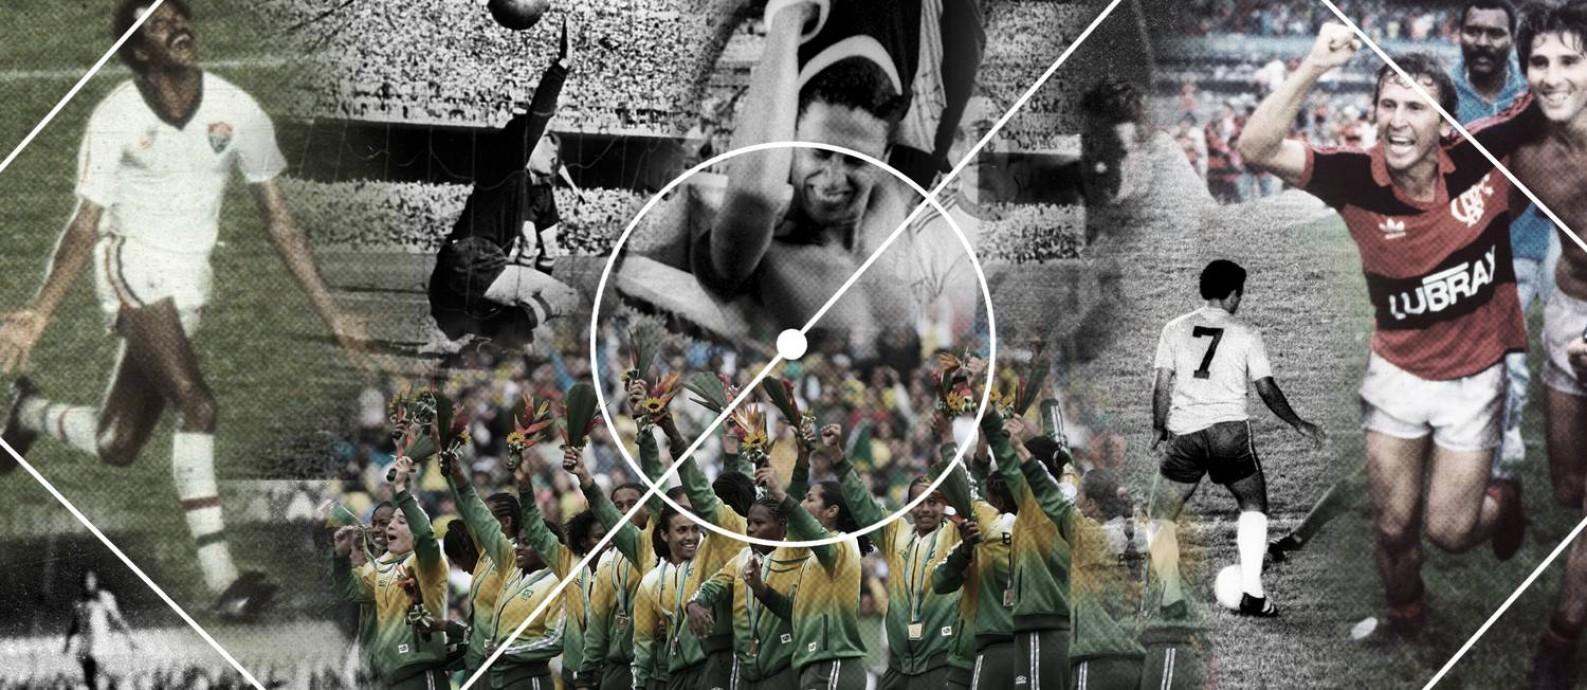 Terceira parte do ranking de maiores jogos da história do Maracanã: do 31º ao 40º lugares Foto: Editoria de Arte